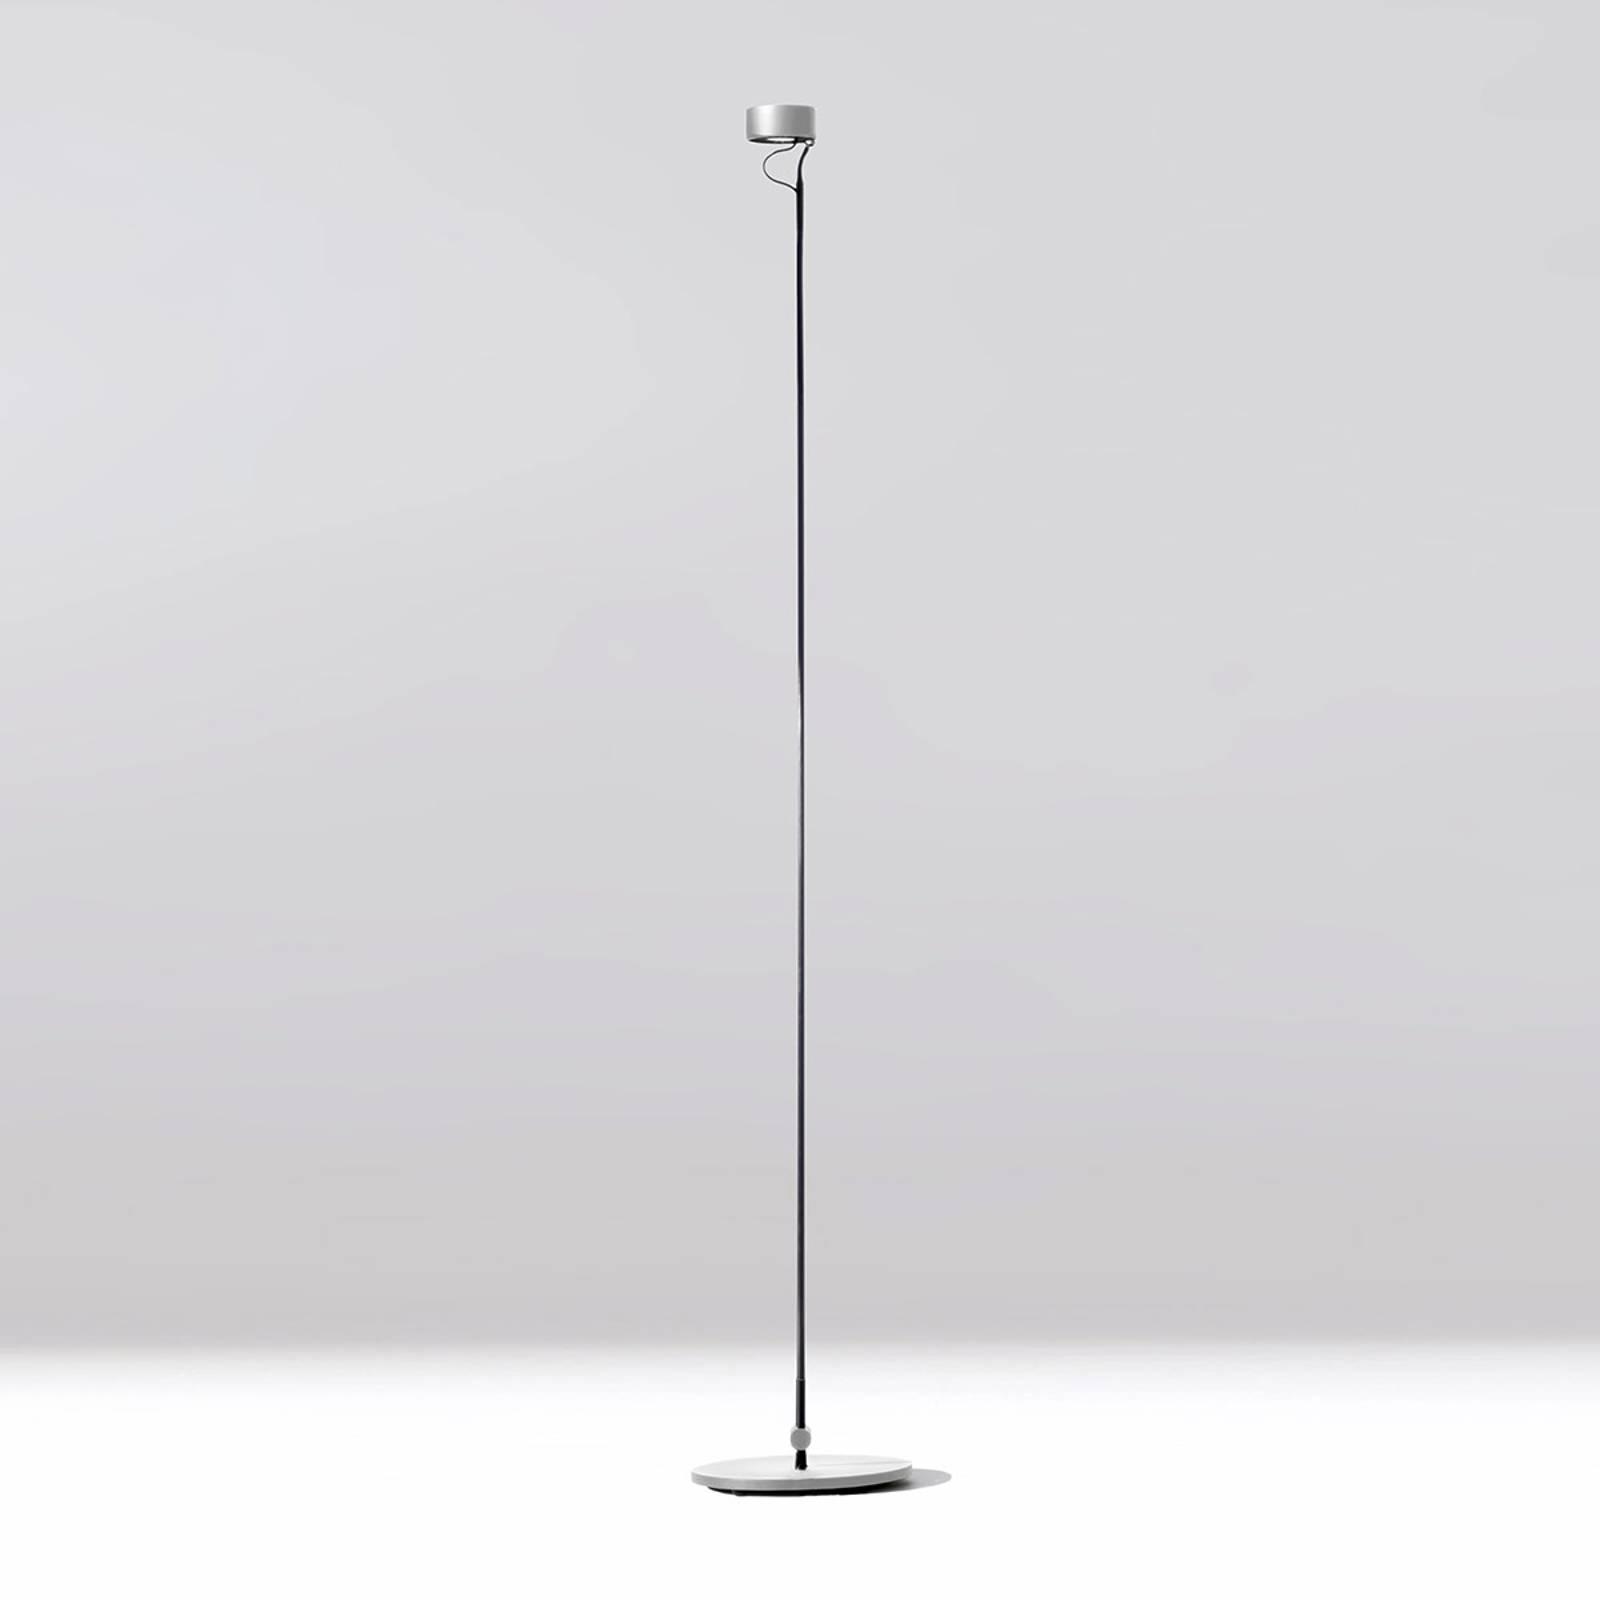 Bilde av Basica 930 B Led-gulvlampe, Fleksibel I Sølv